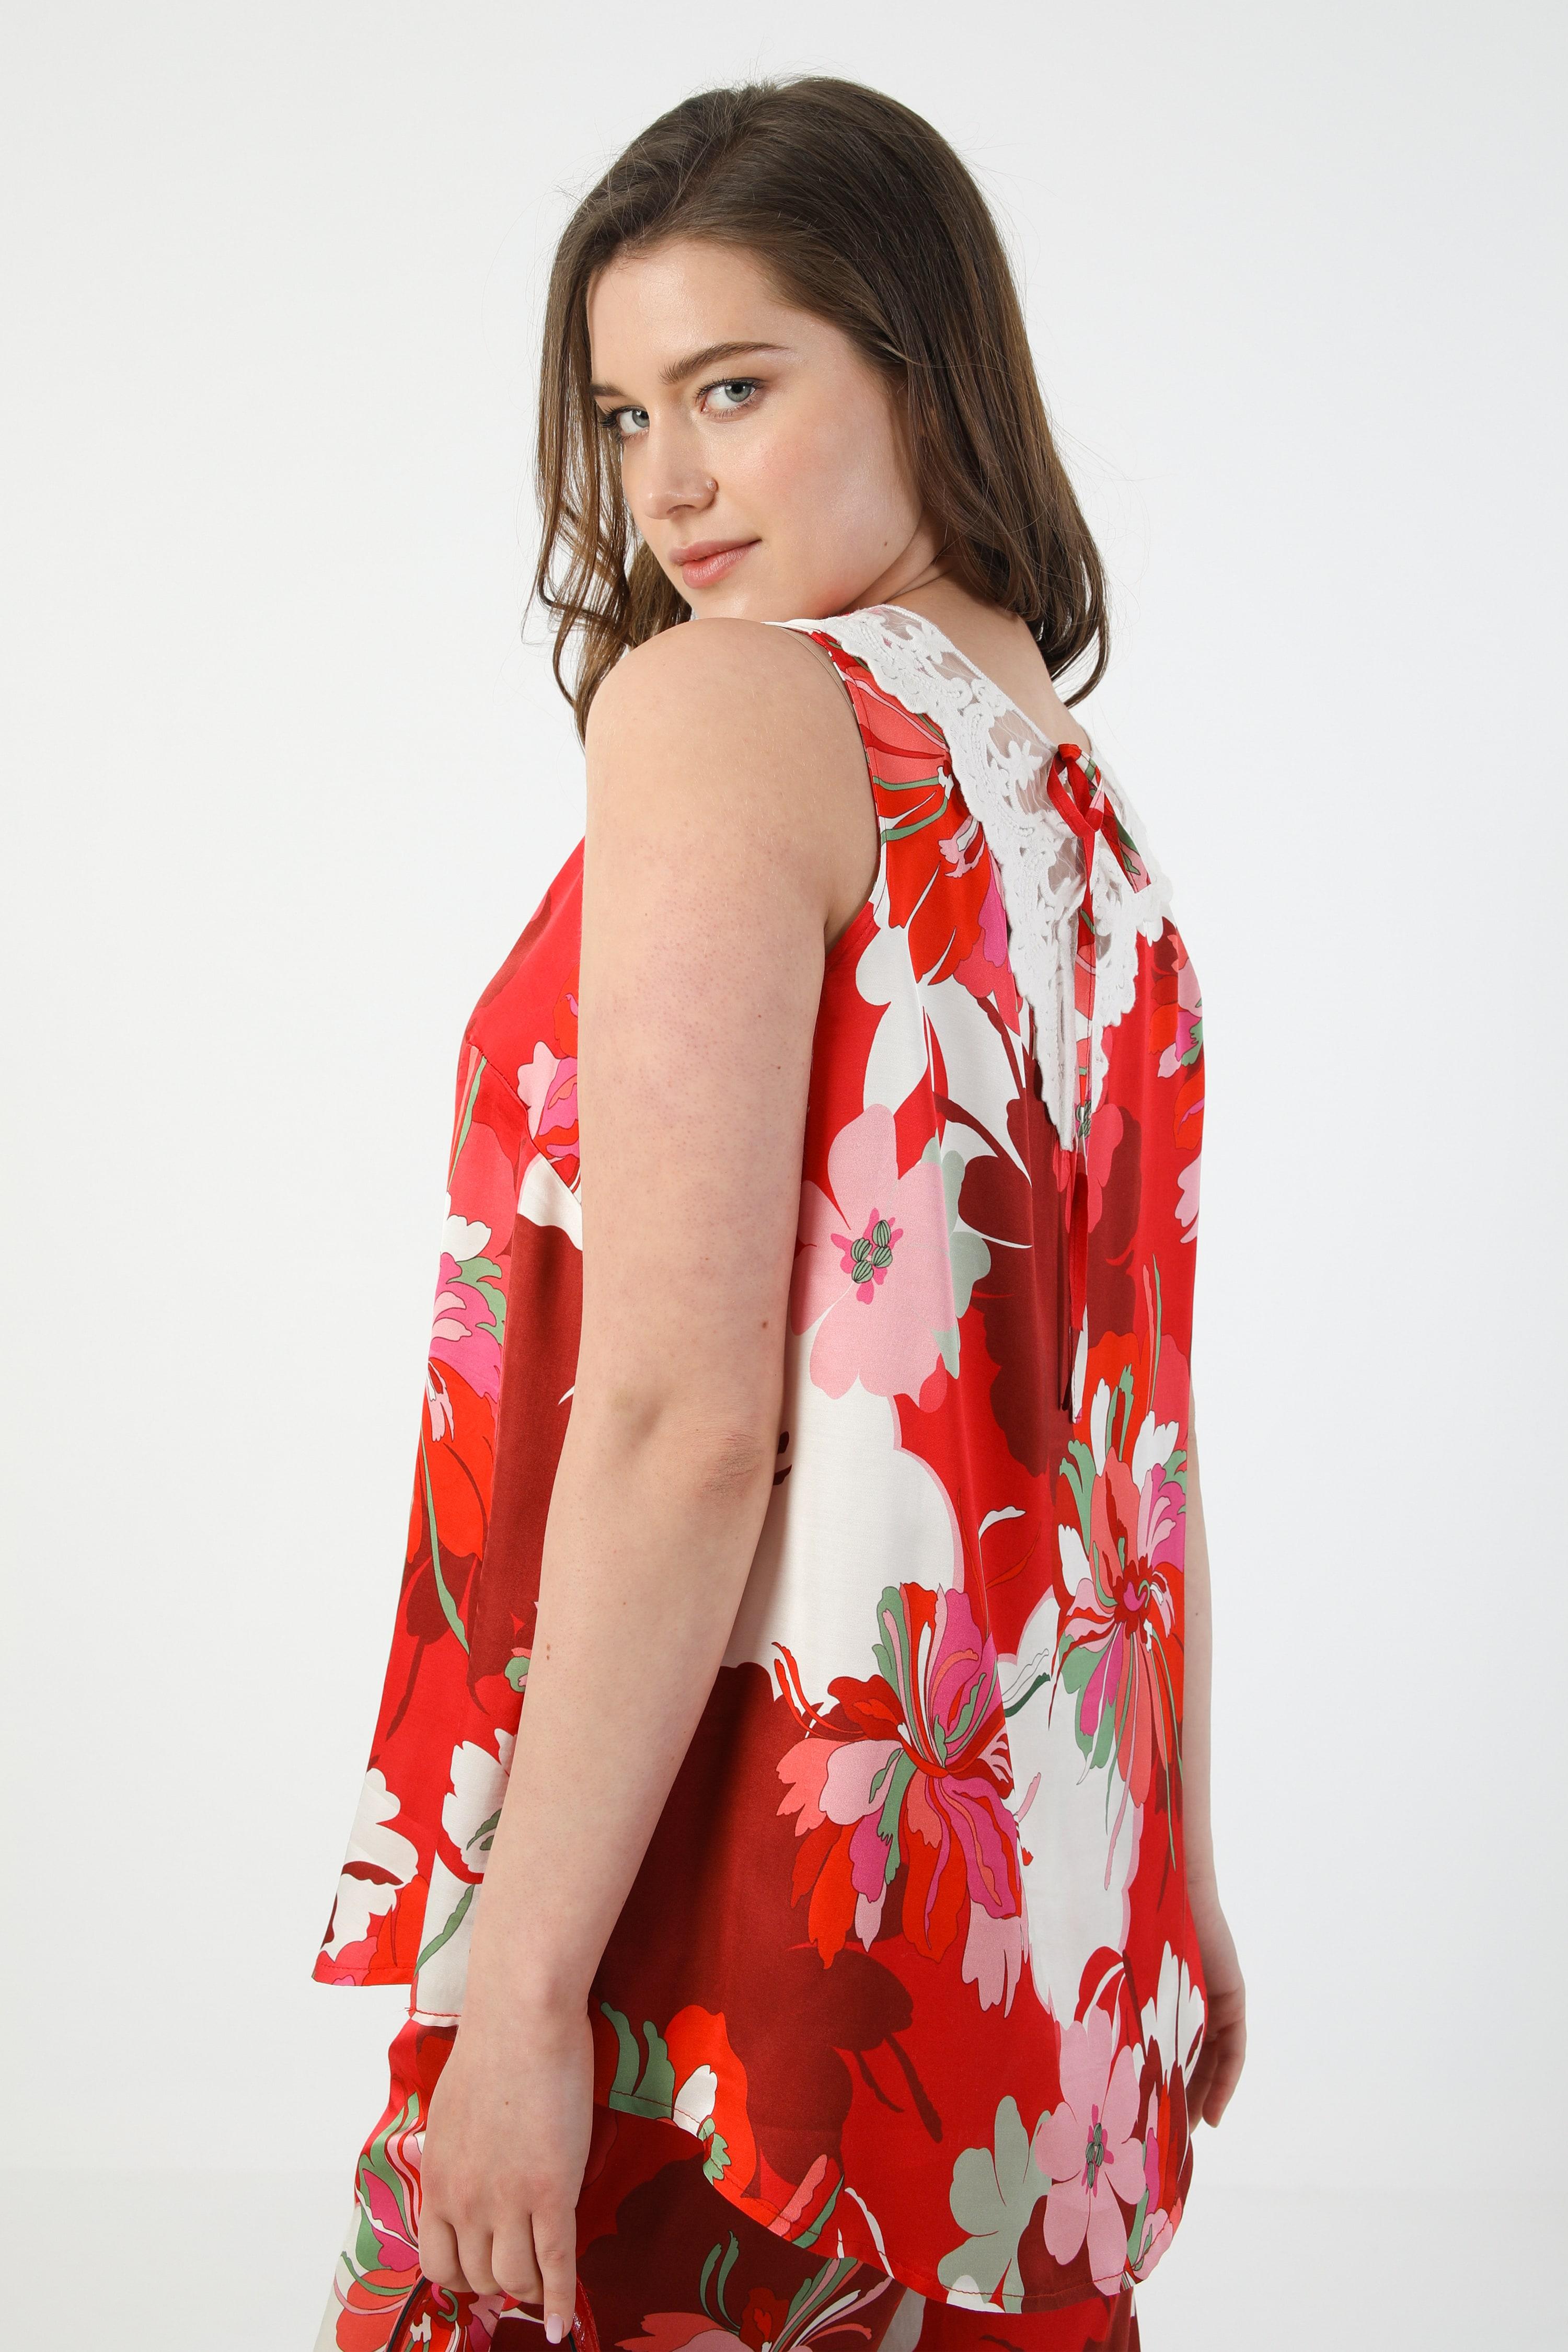 Satin floral print tank top (shipping May 15/20)